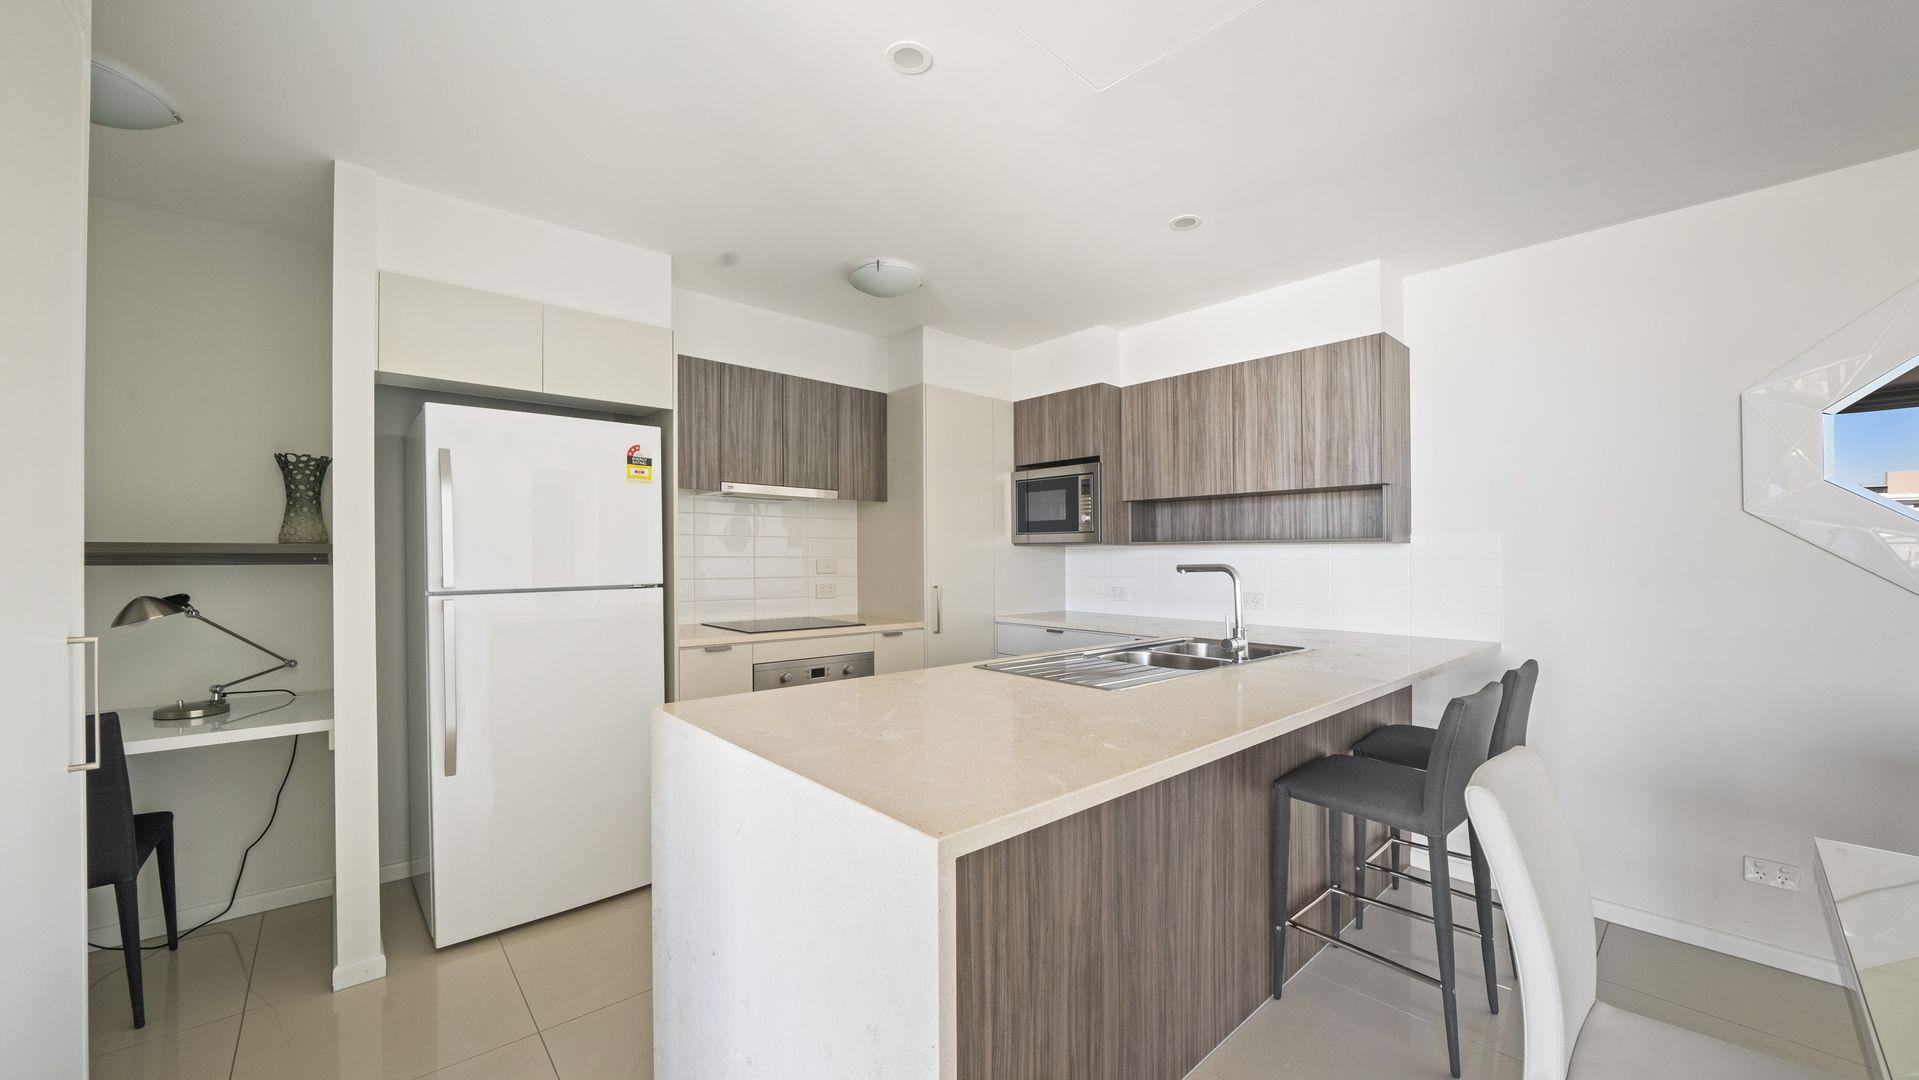 704/48 O'Keefe St, Woolloongabba QLD 4102, Image 2